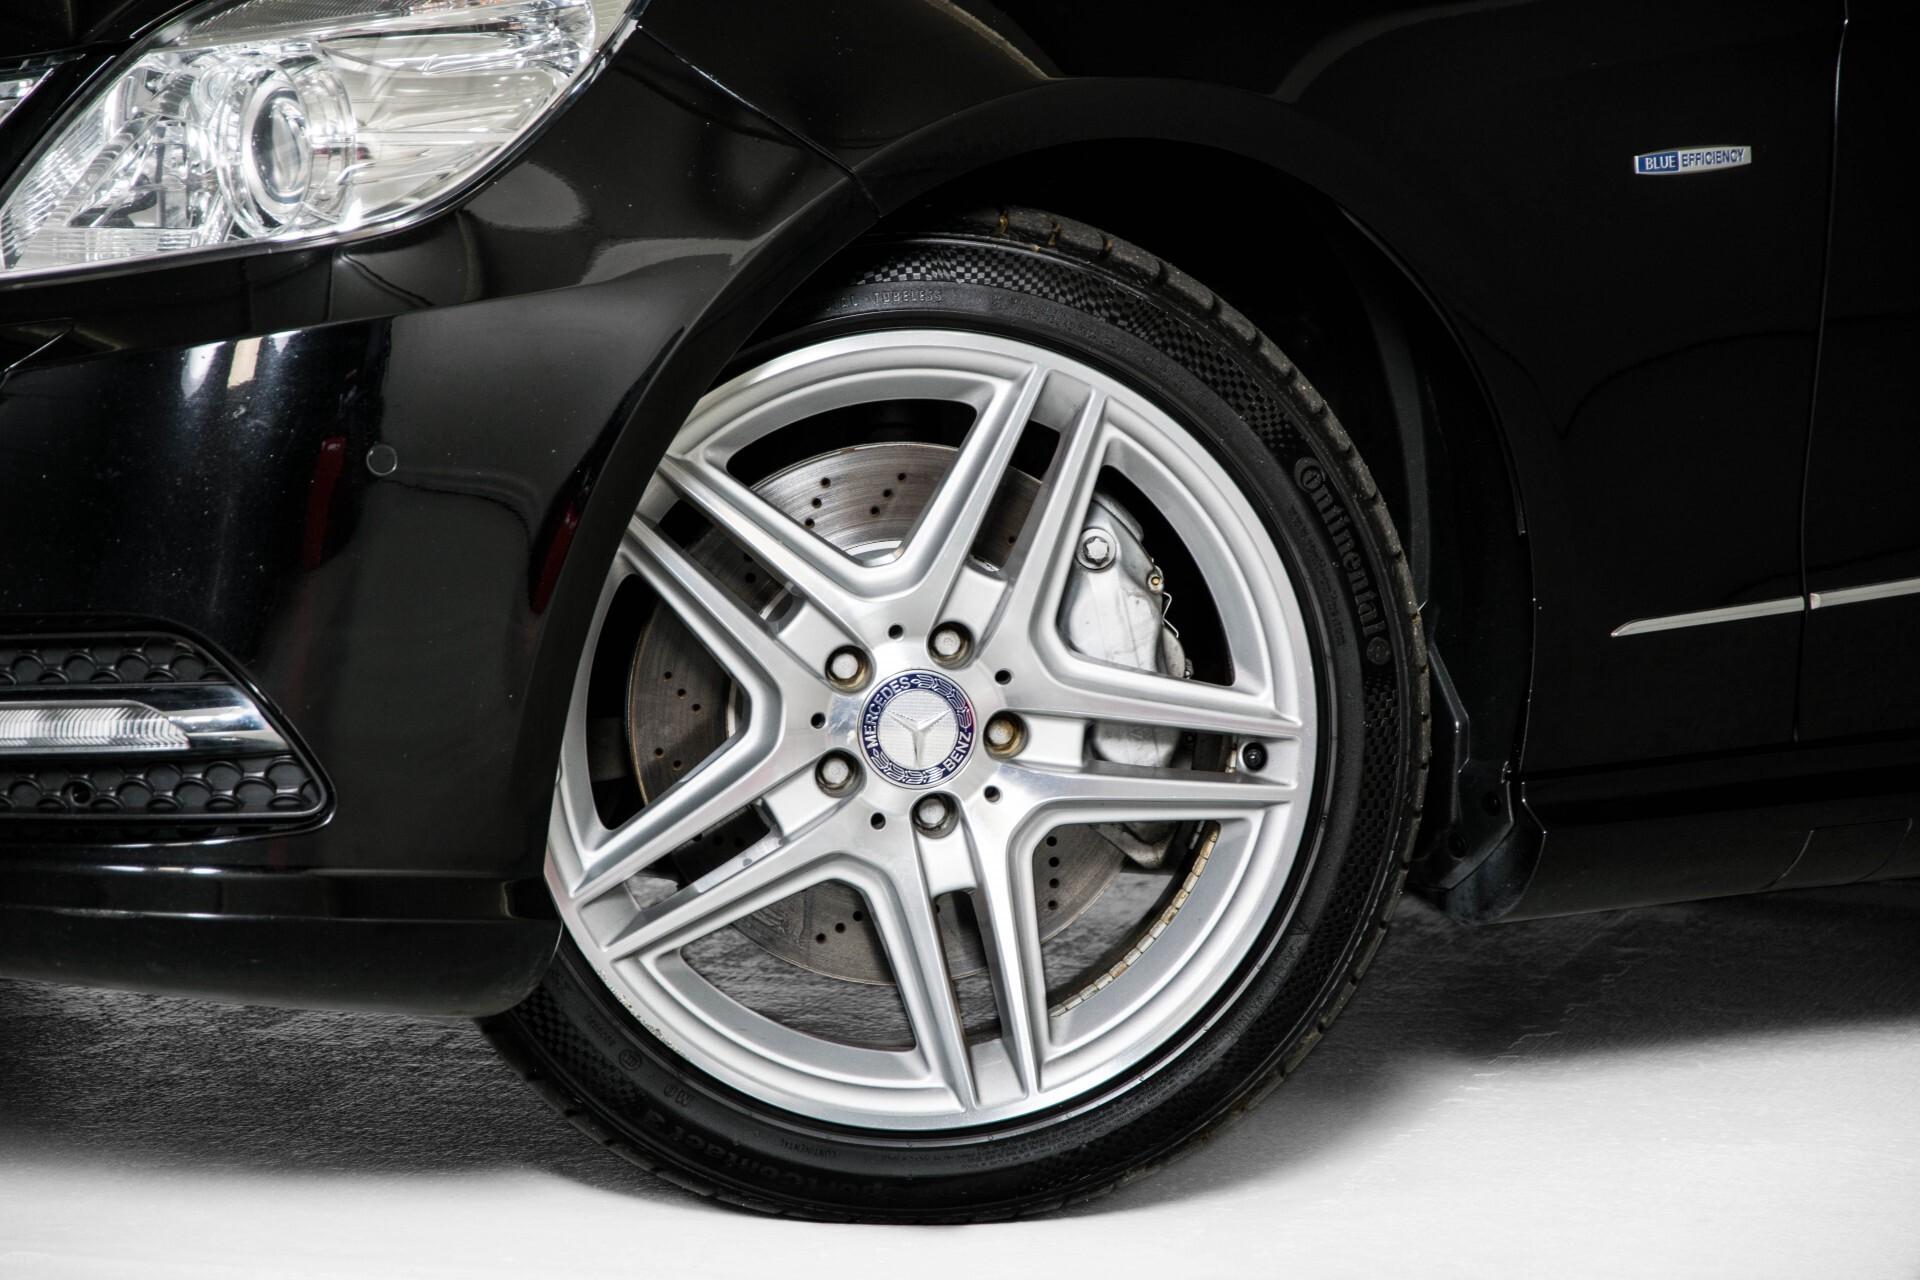 Mercedes-Benz E-Klasse Estate 350 Cdi AMG Luchtvering/Schuifdak/Comand/Harman Kardon/ILS Aut7 Foto 54